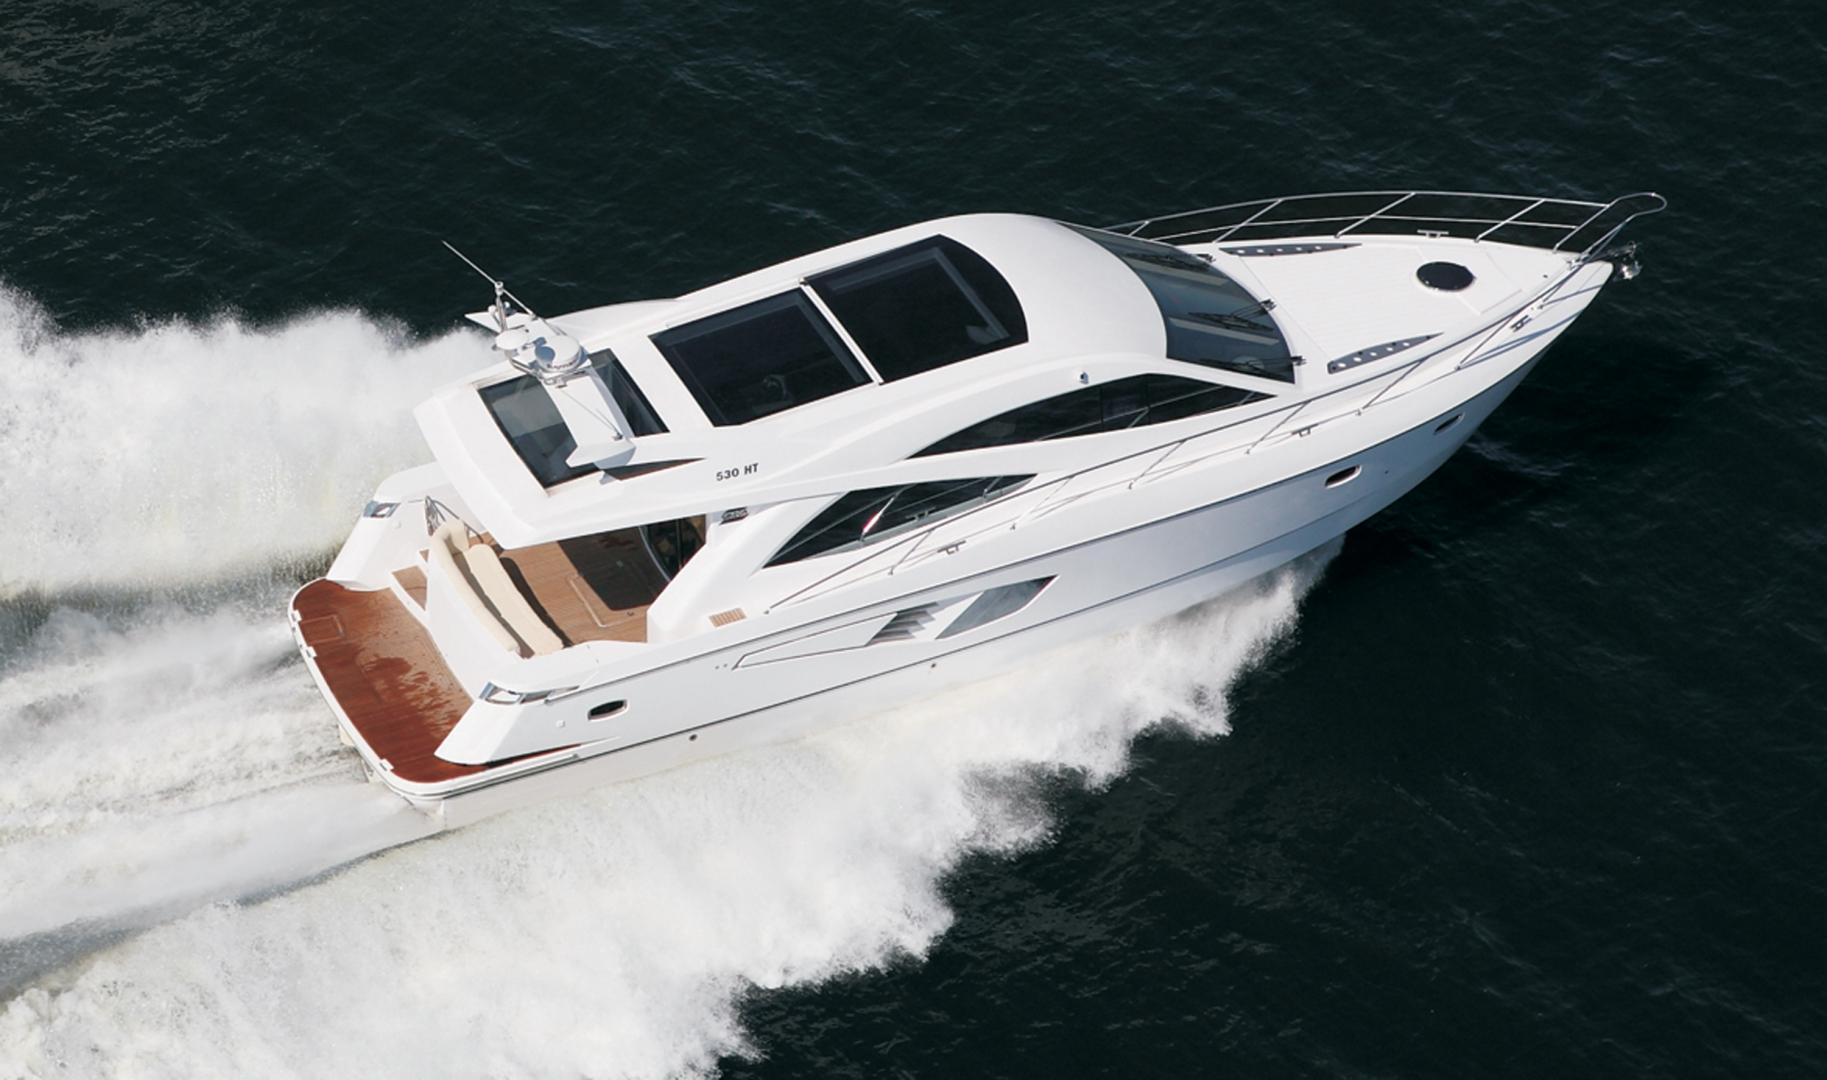 Моторная яхта Galeon 330 HT